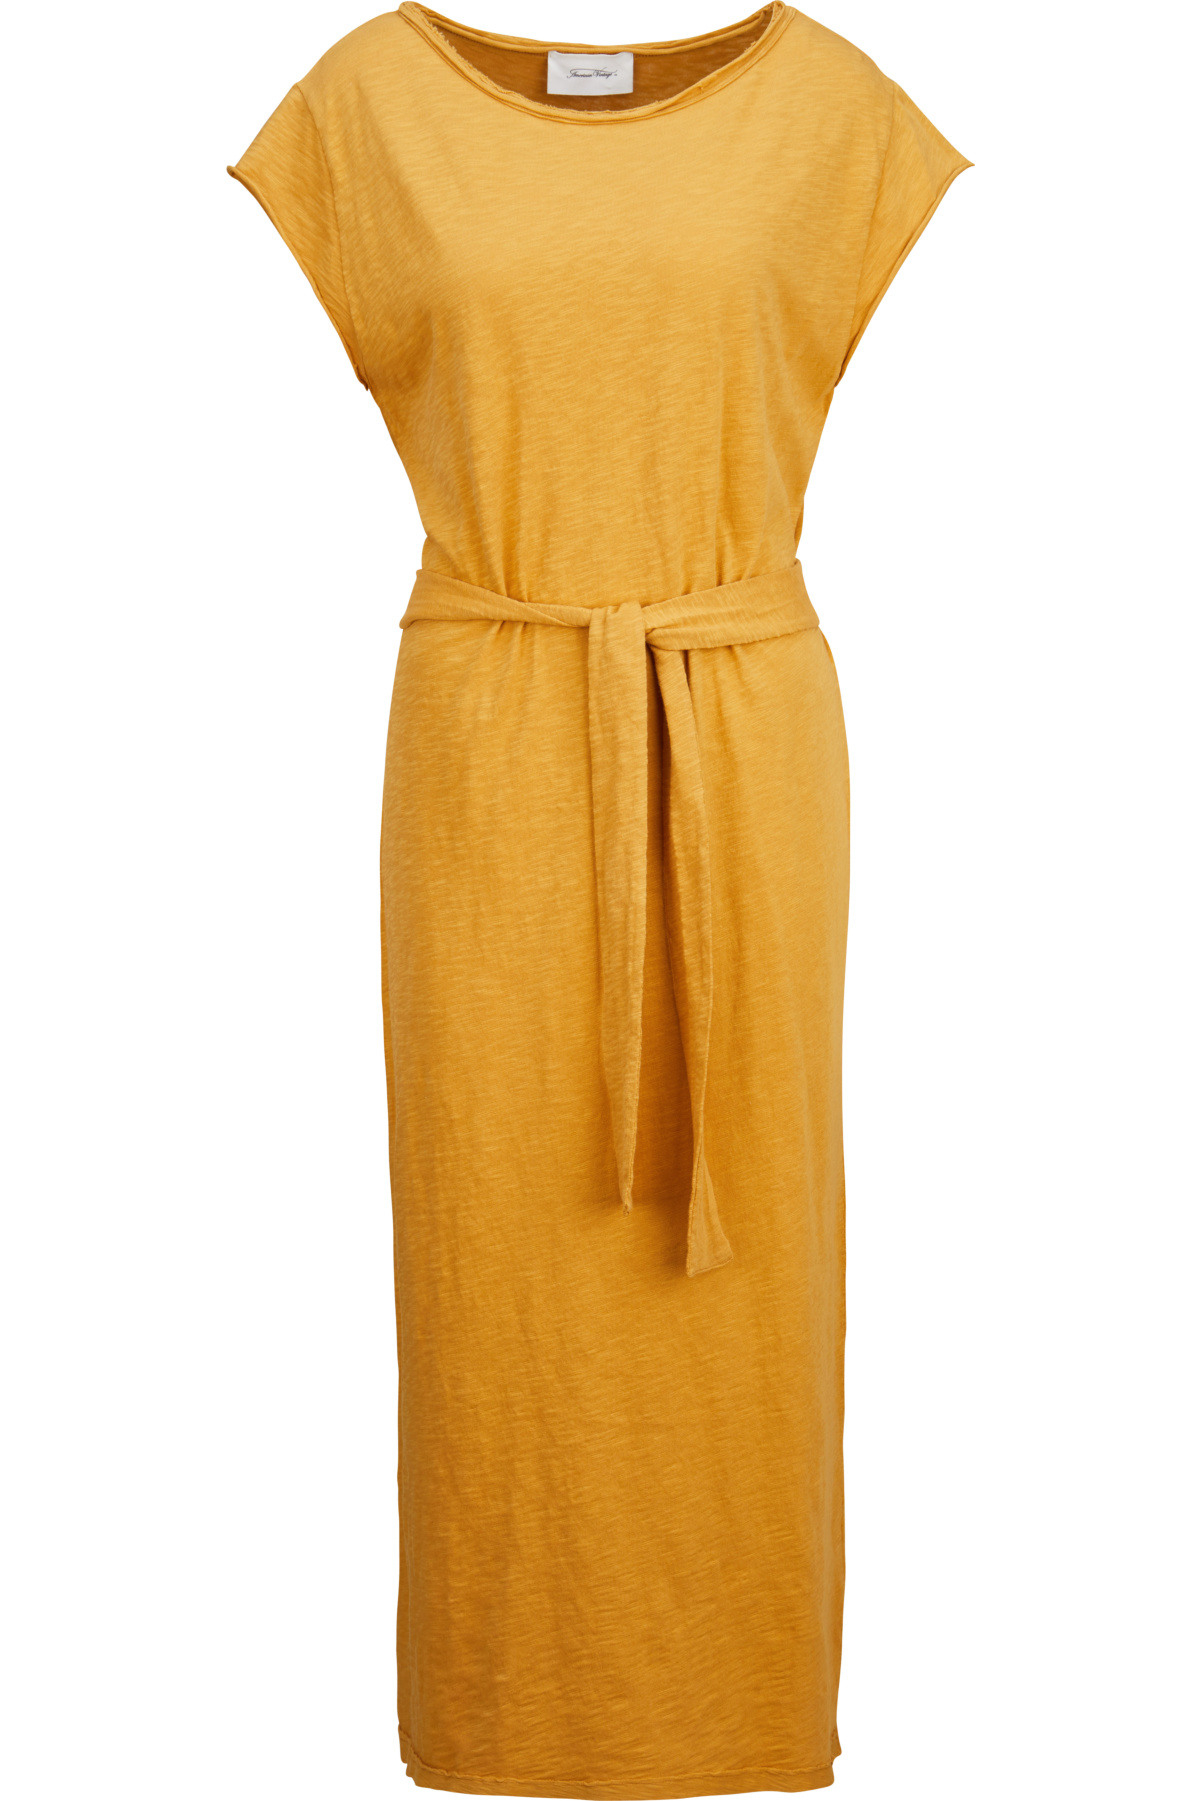 American Vintage Kleid In Senfgelb 434573  Greta  Luis